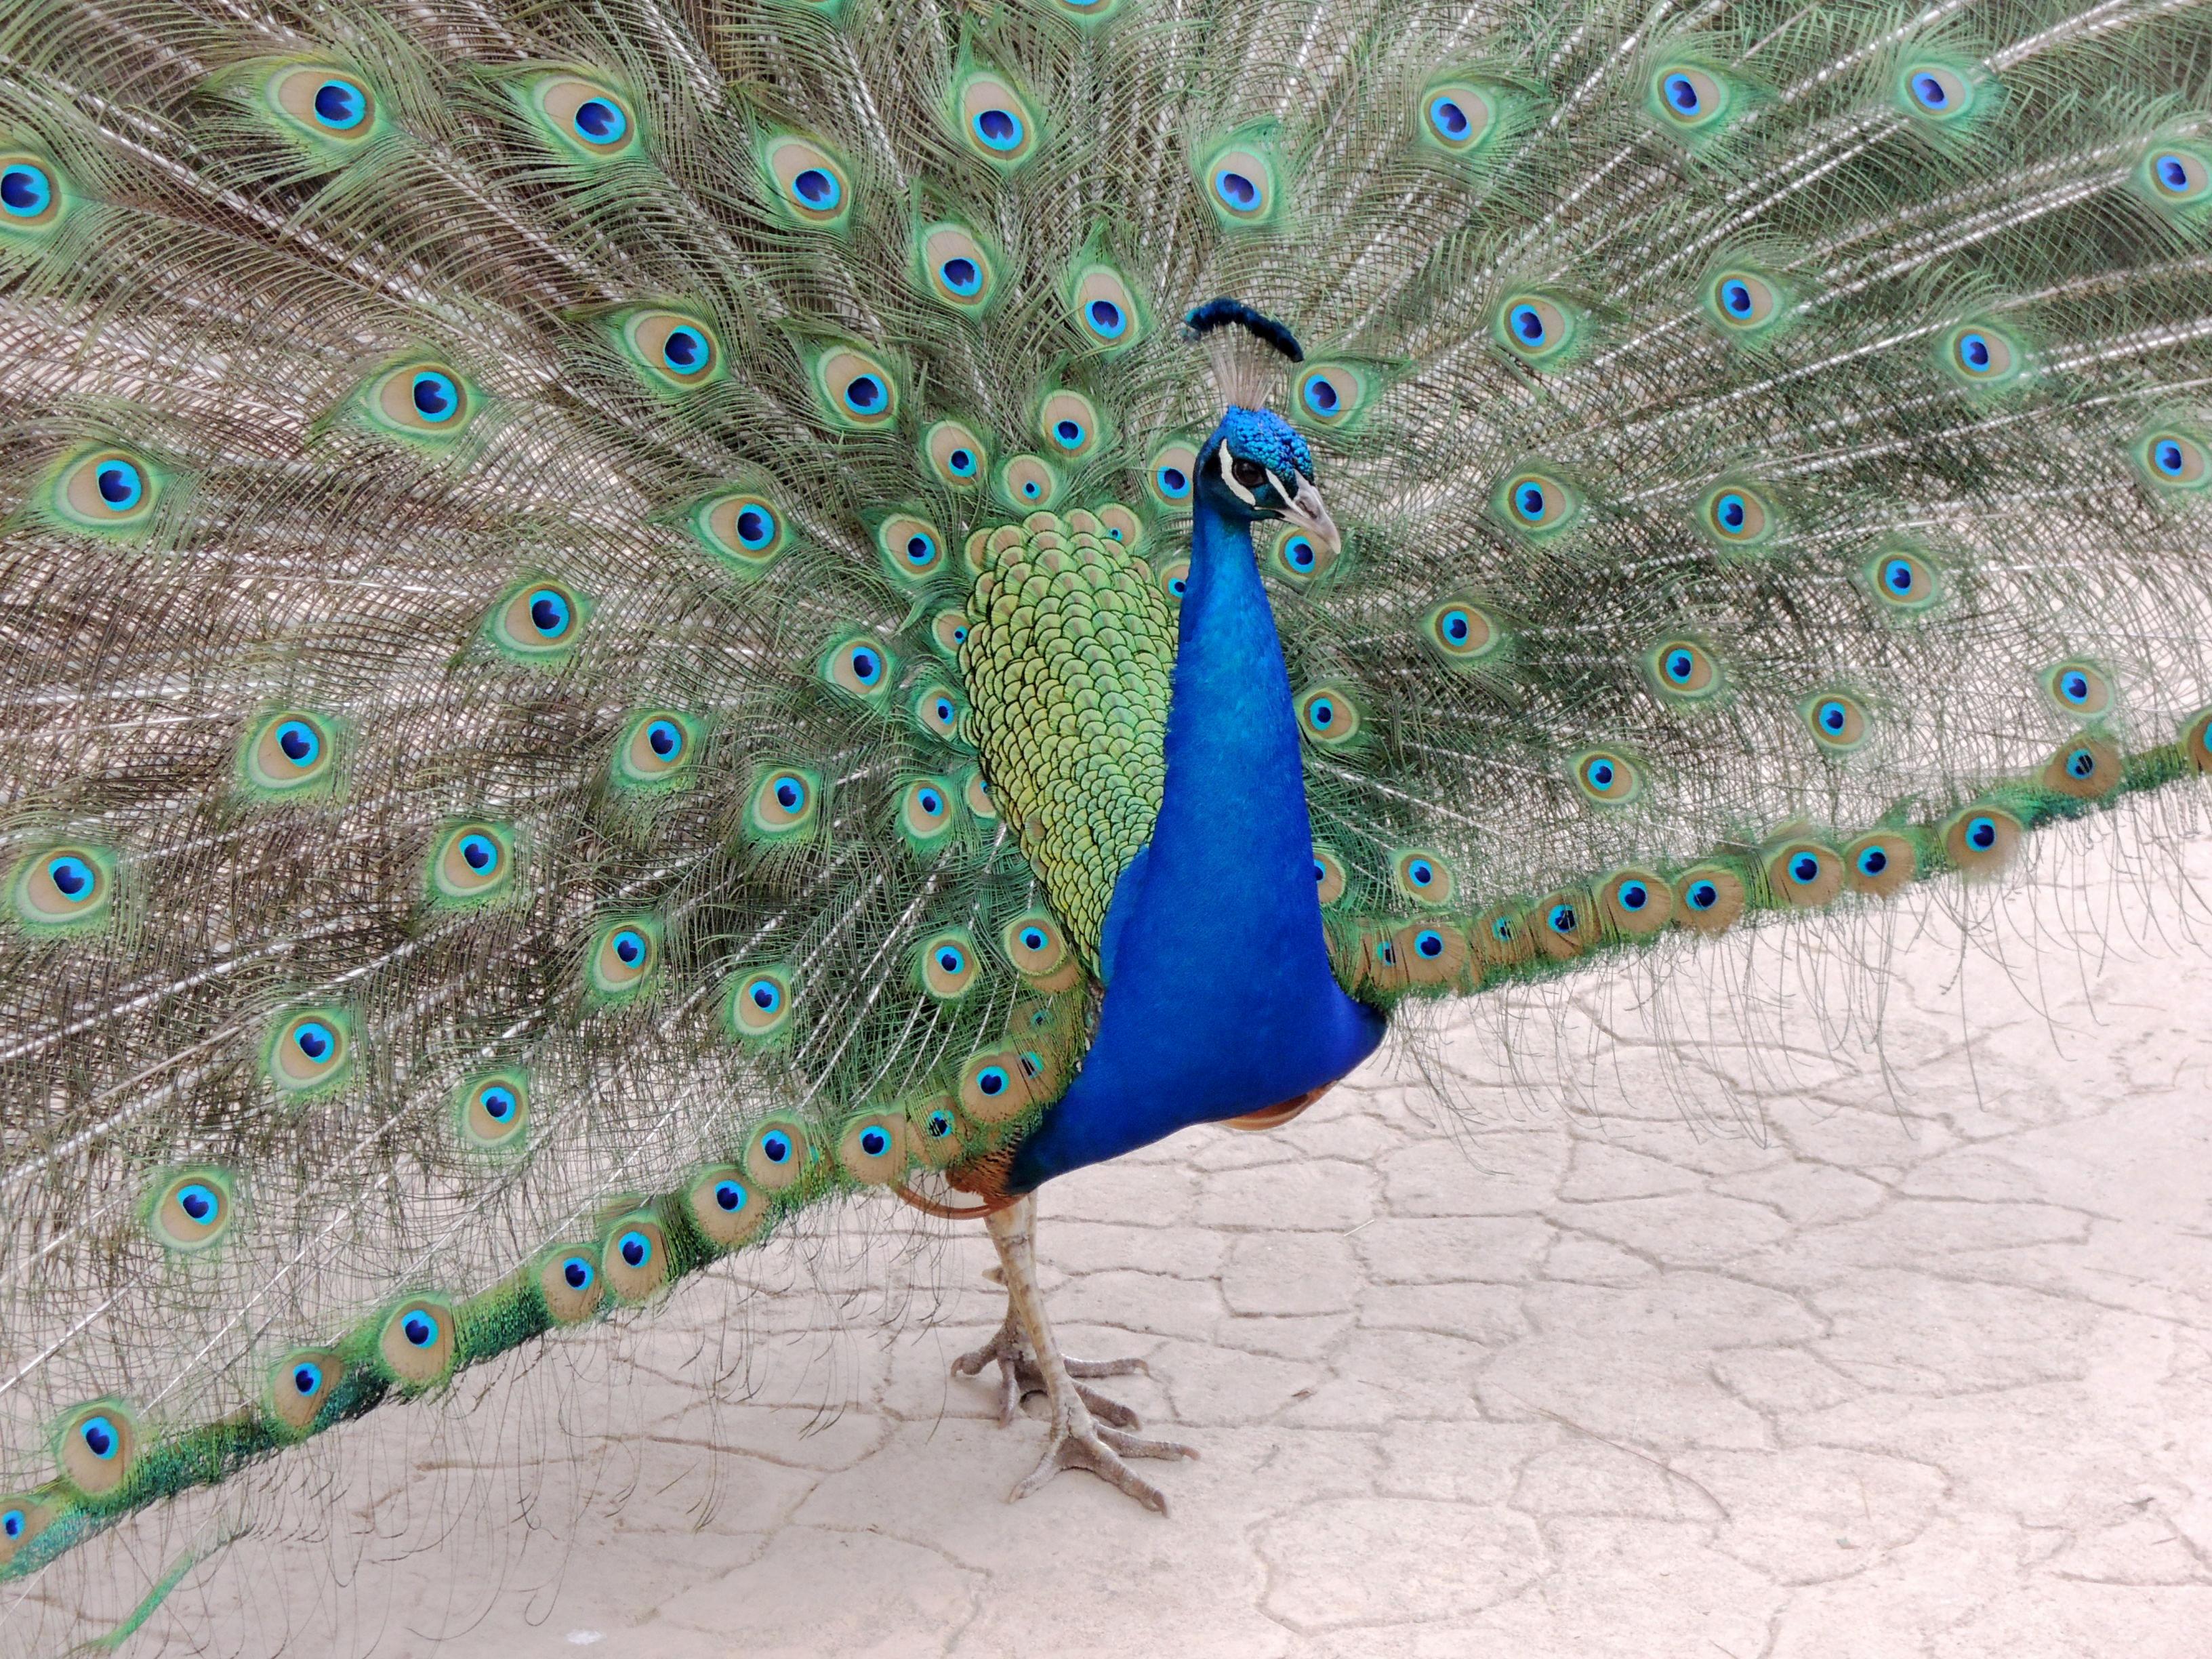 Le Paon Qui Fait La Roue file:paon bleu au zoo de san diego - wikimedia commons